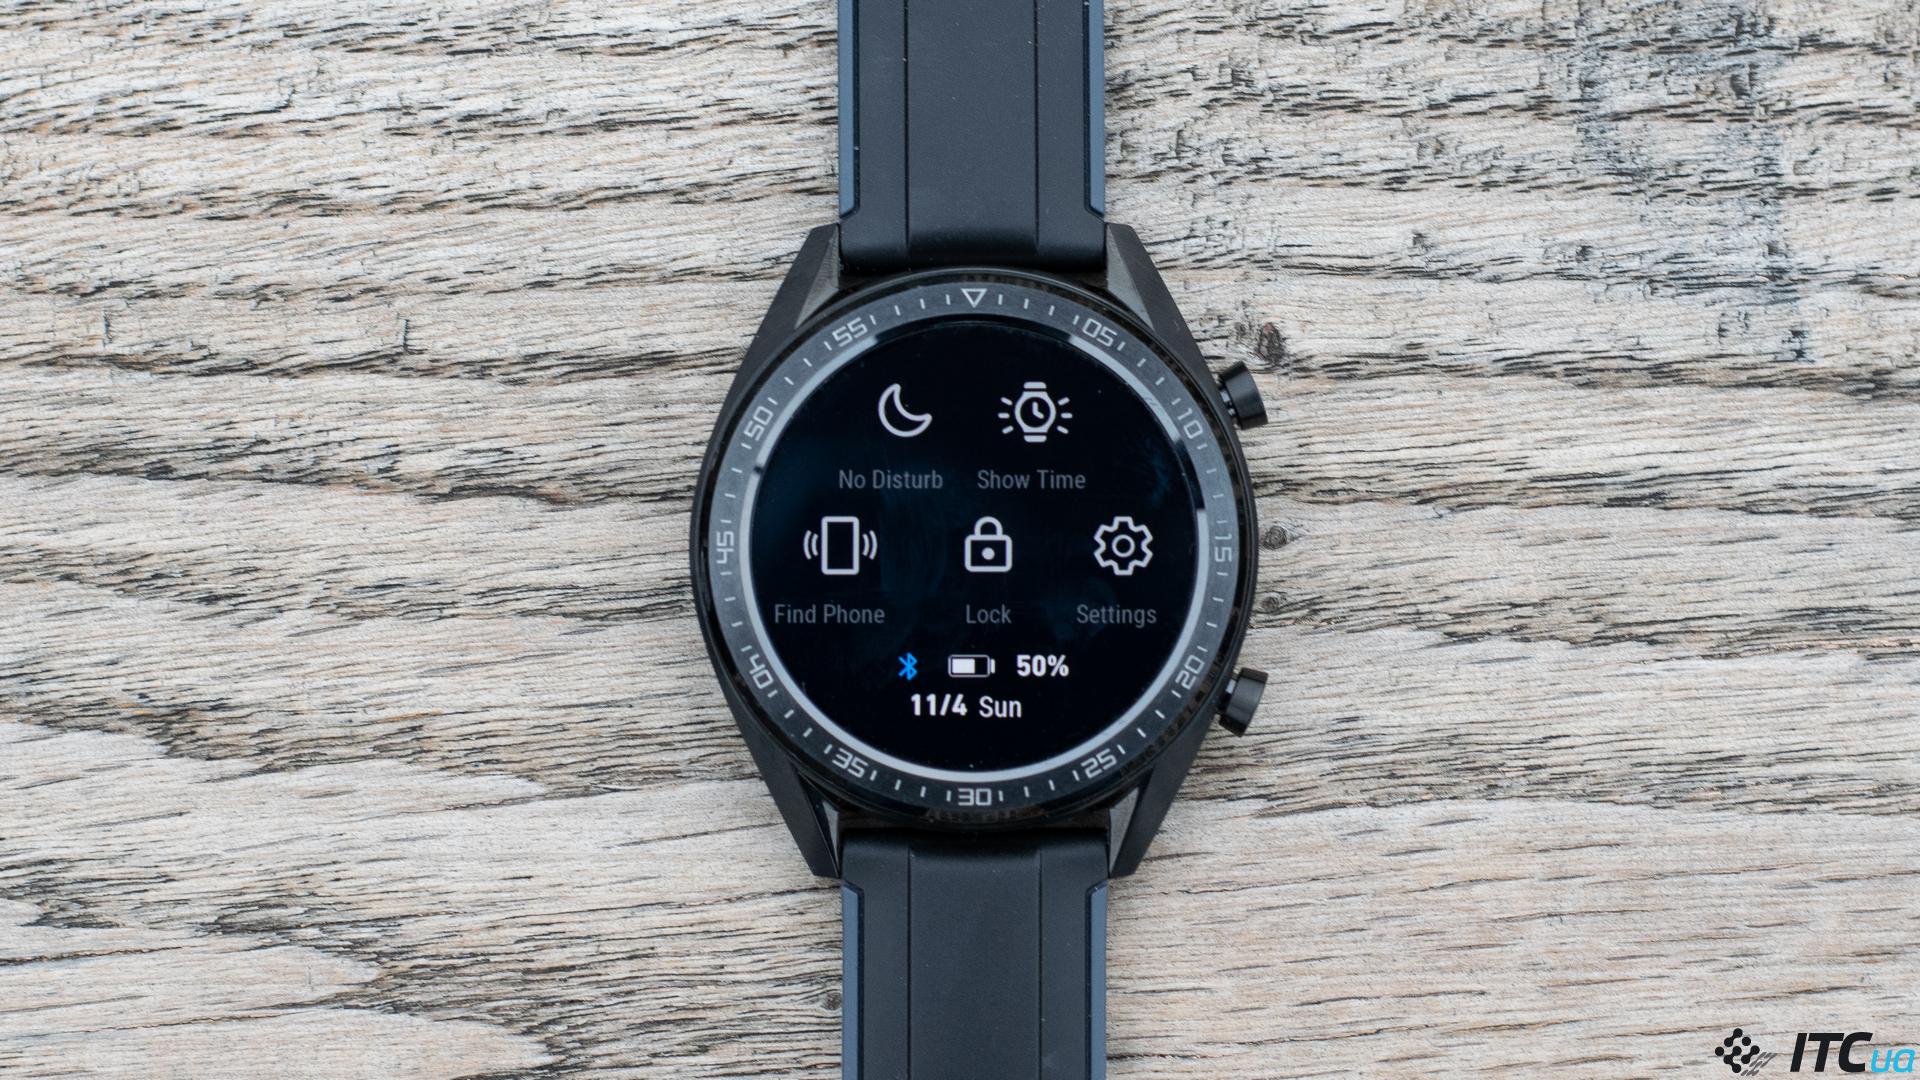 9360720be0bc Для всех вышеперечисленных возможностей часы оснащены неплохим набором  датчиков. В активе у часов есть  барометр, альтиметр, гироскоп,  акселерометр и ...